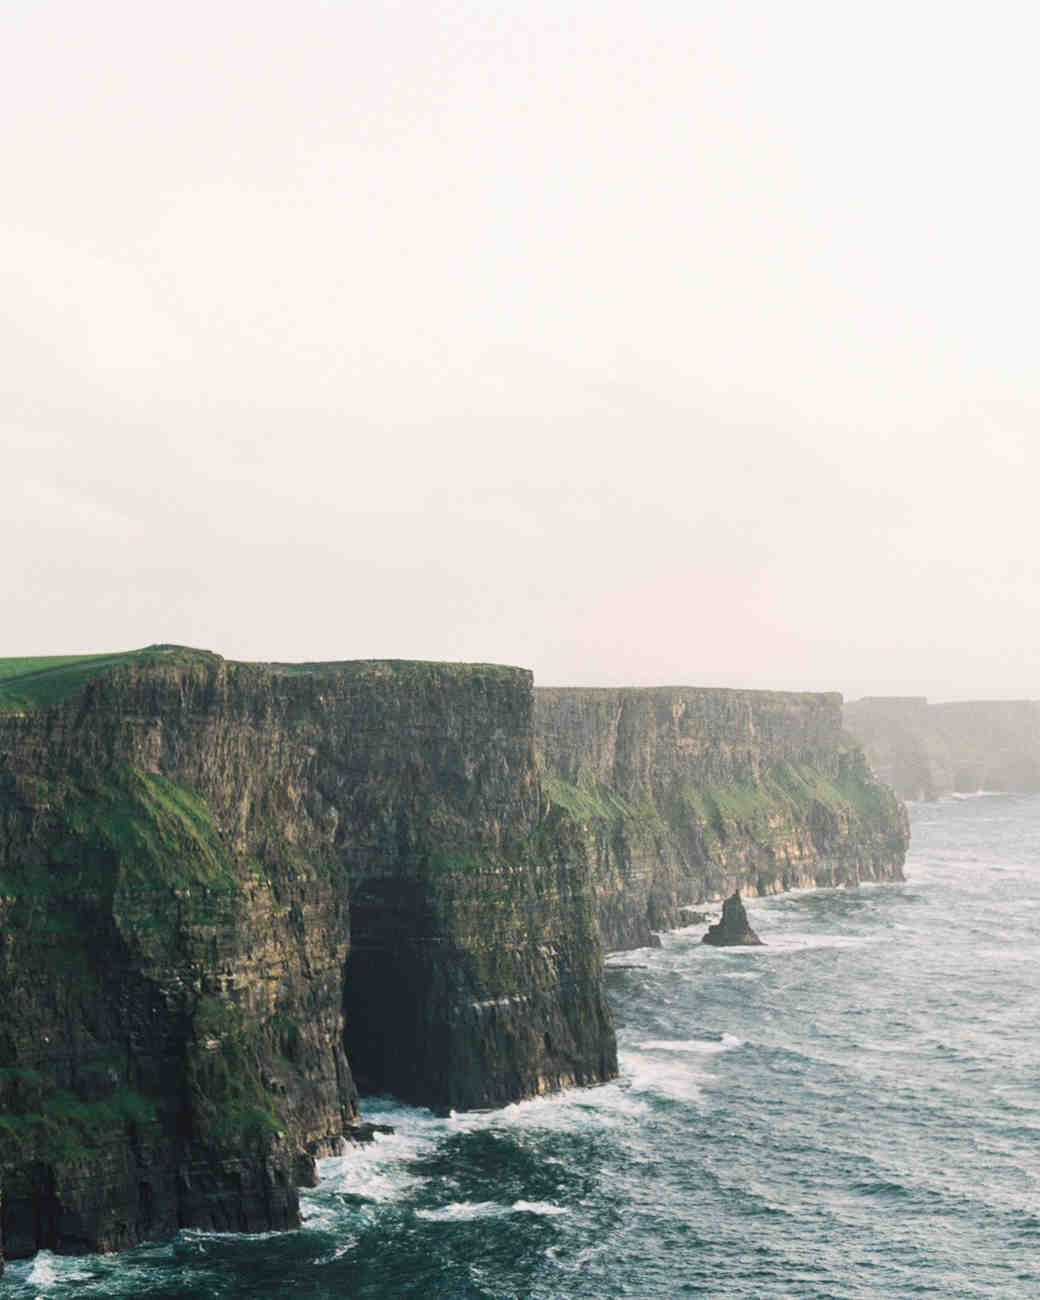 ireland cliffs landscape